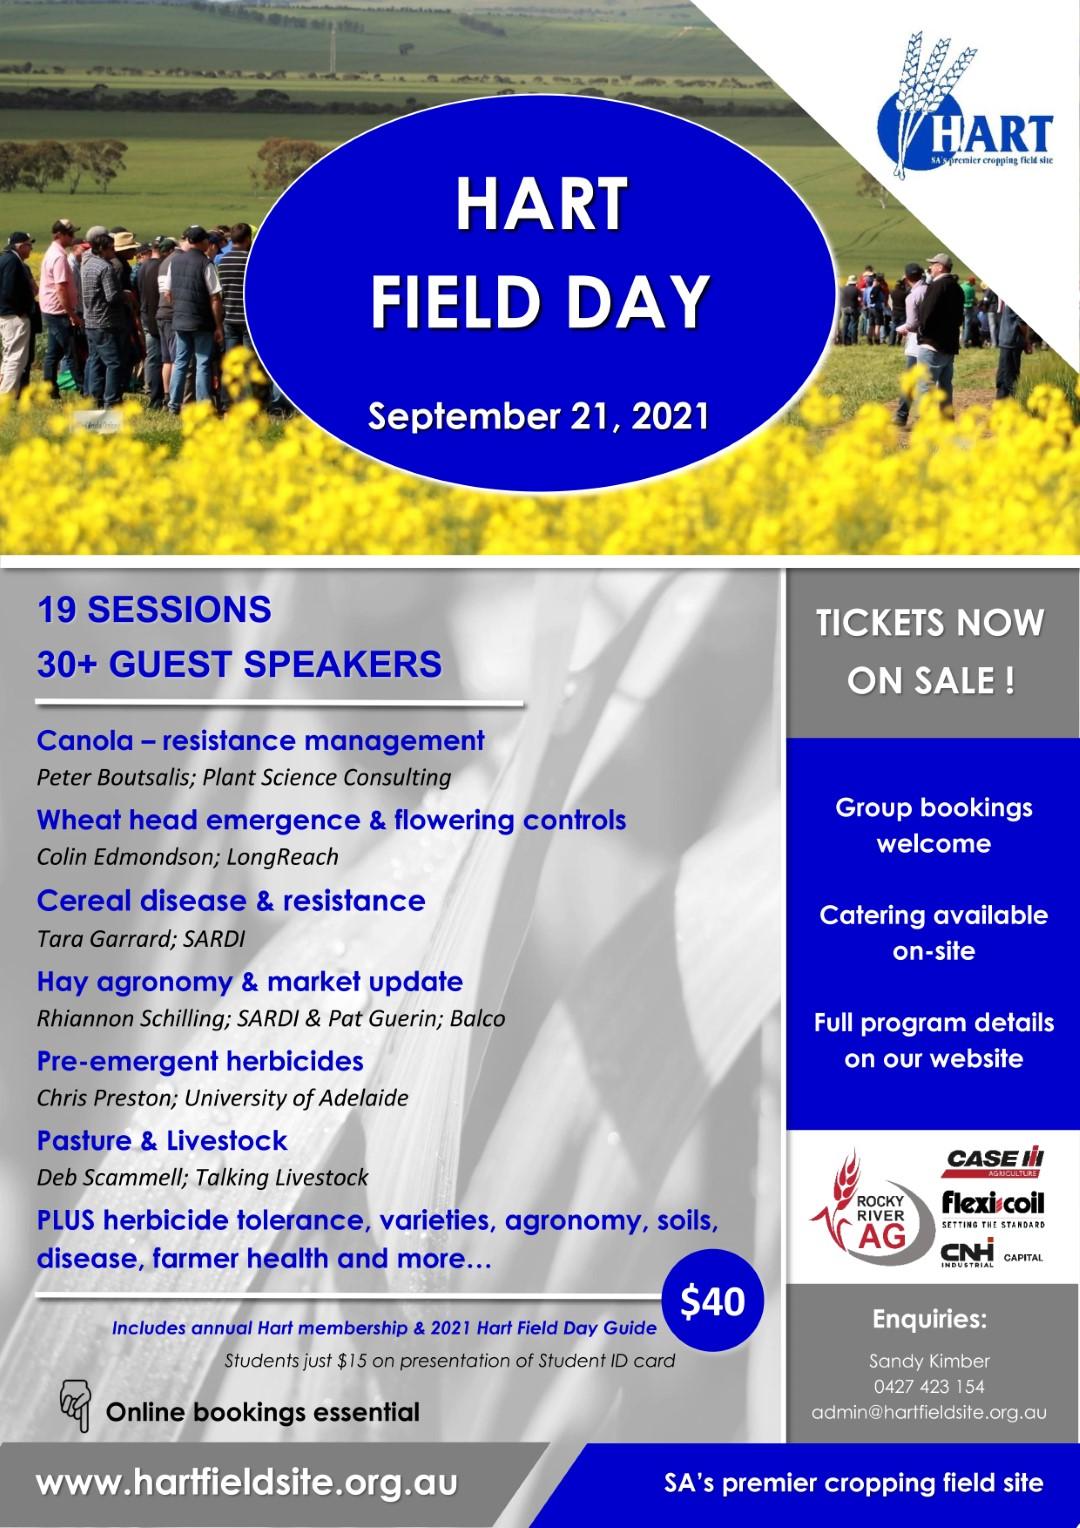 Hart Field Day - September 21, 2021